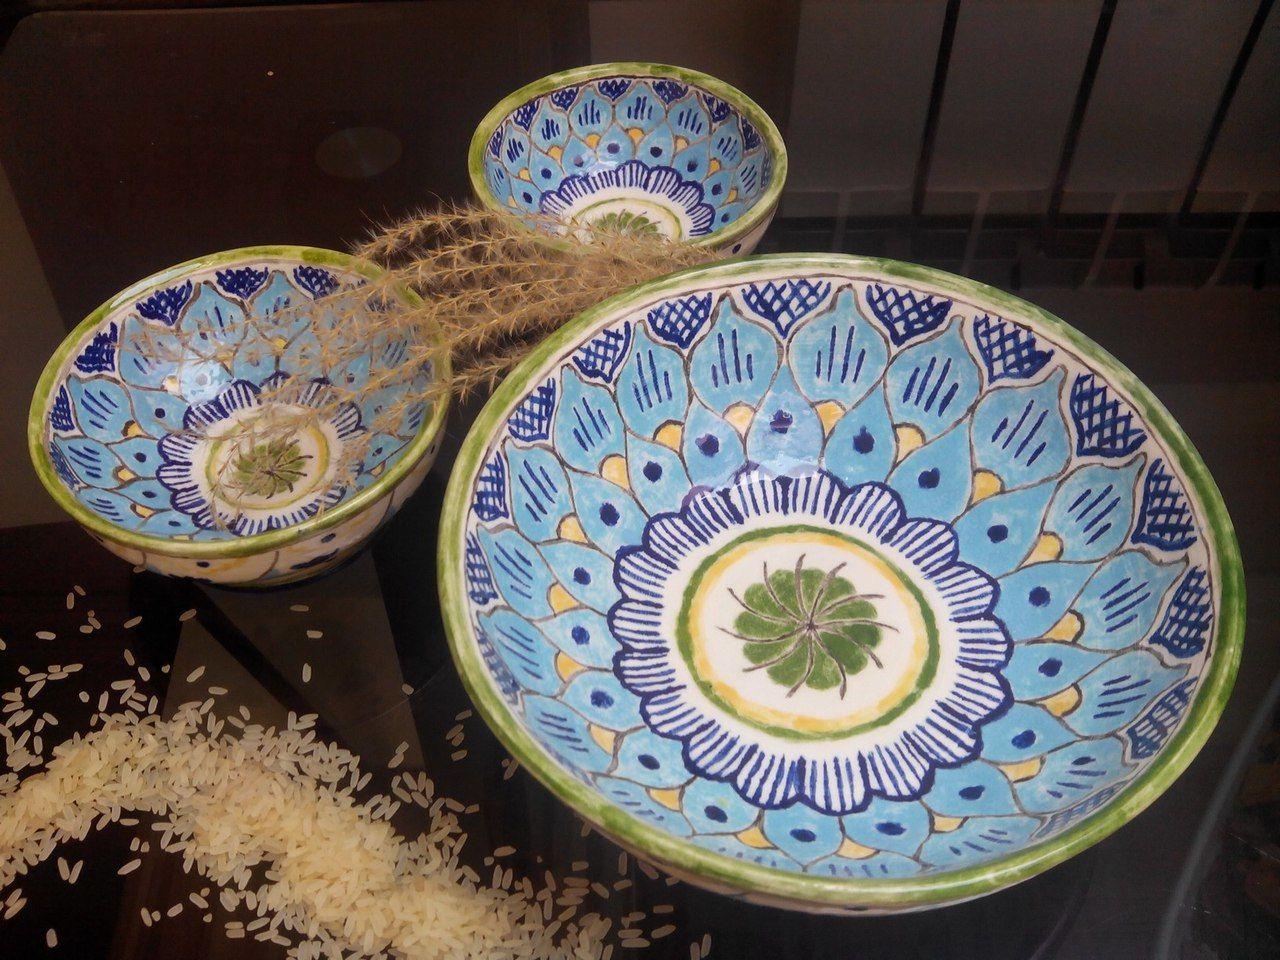 Мастер-класс по керамике © Фото предоставлено организаторами